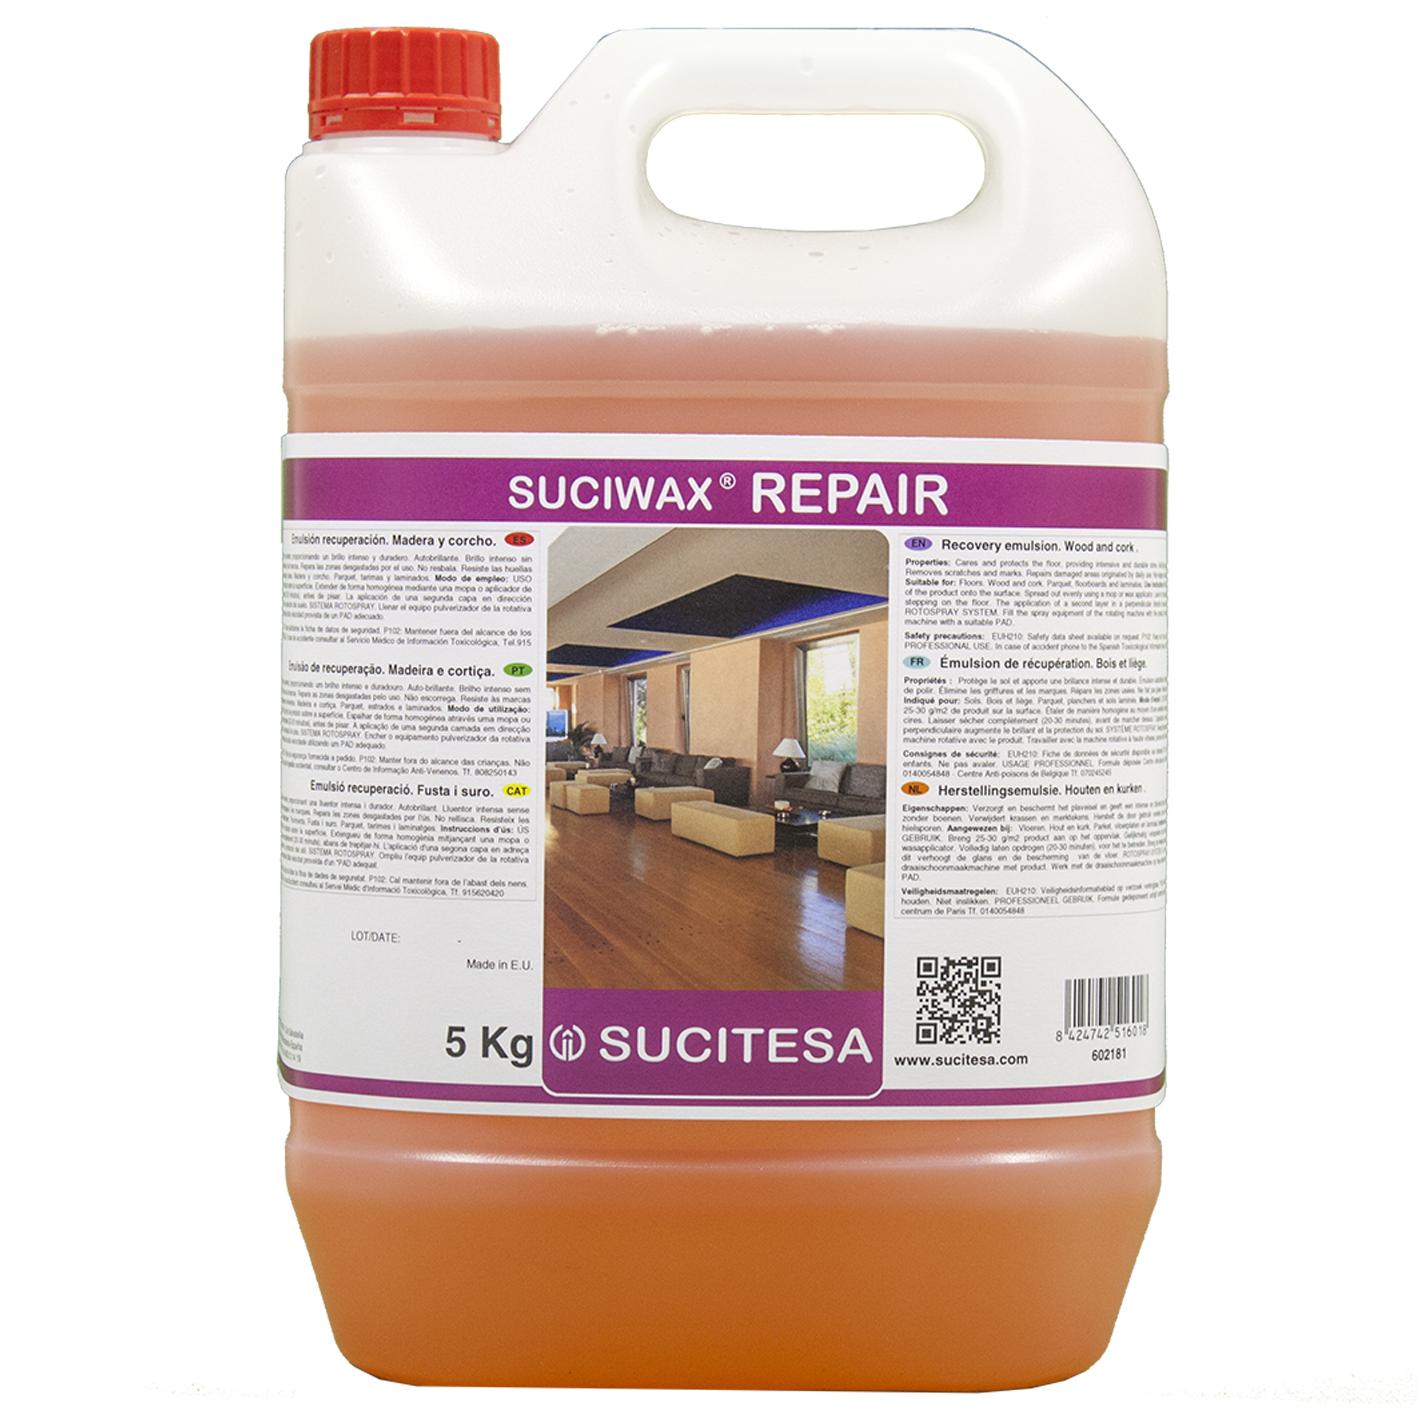 SUCIWAX REPAIR Image